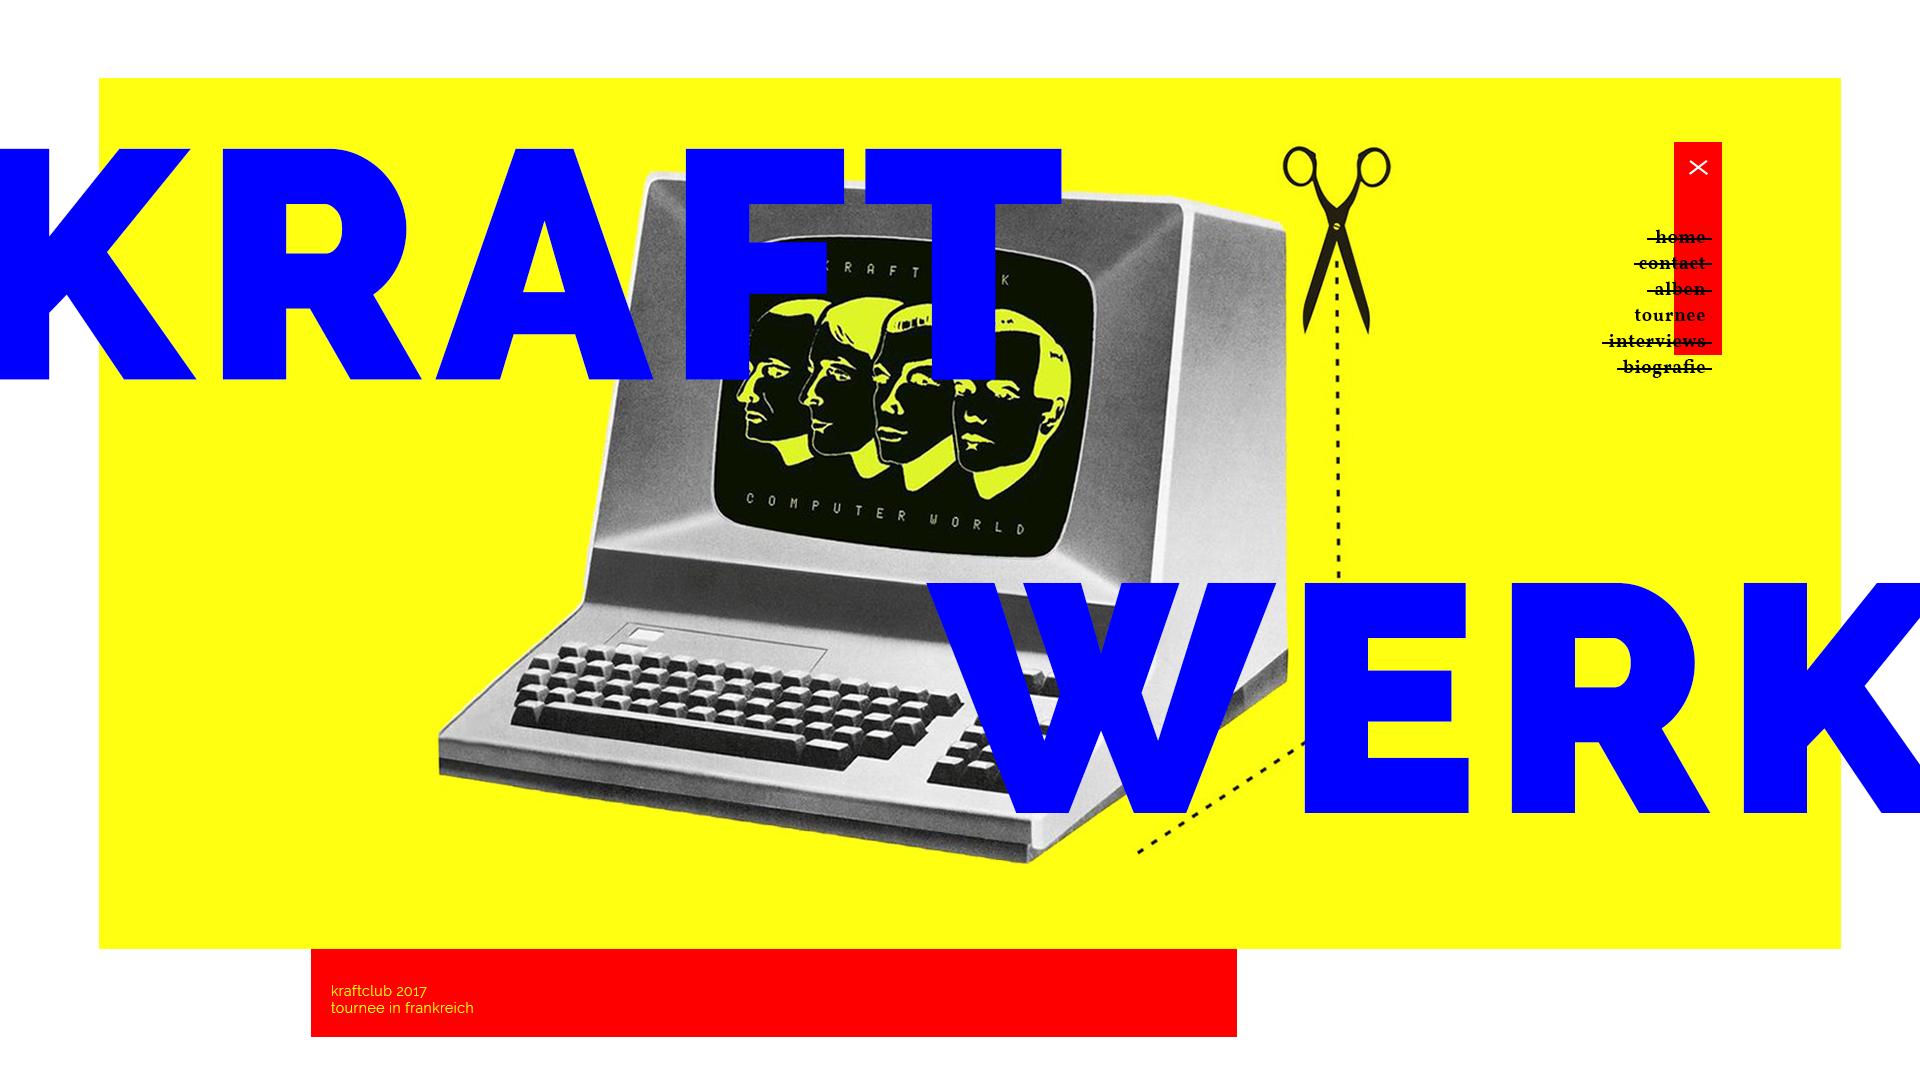 Wunsch/website_3.png